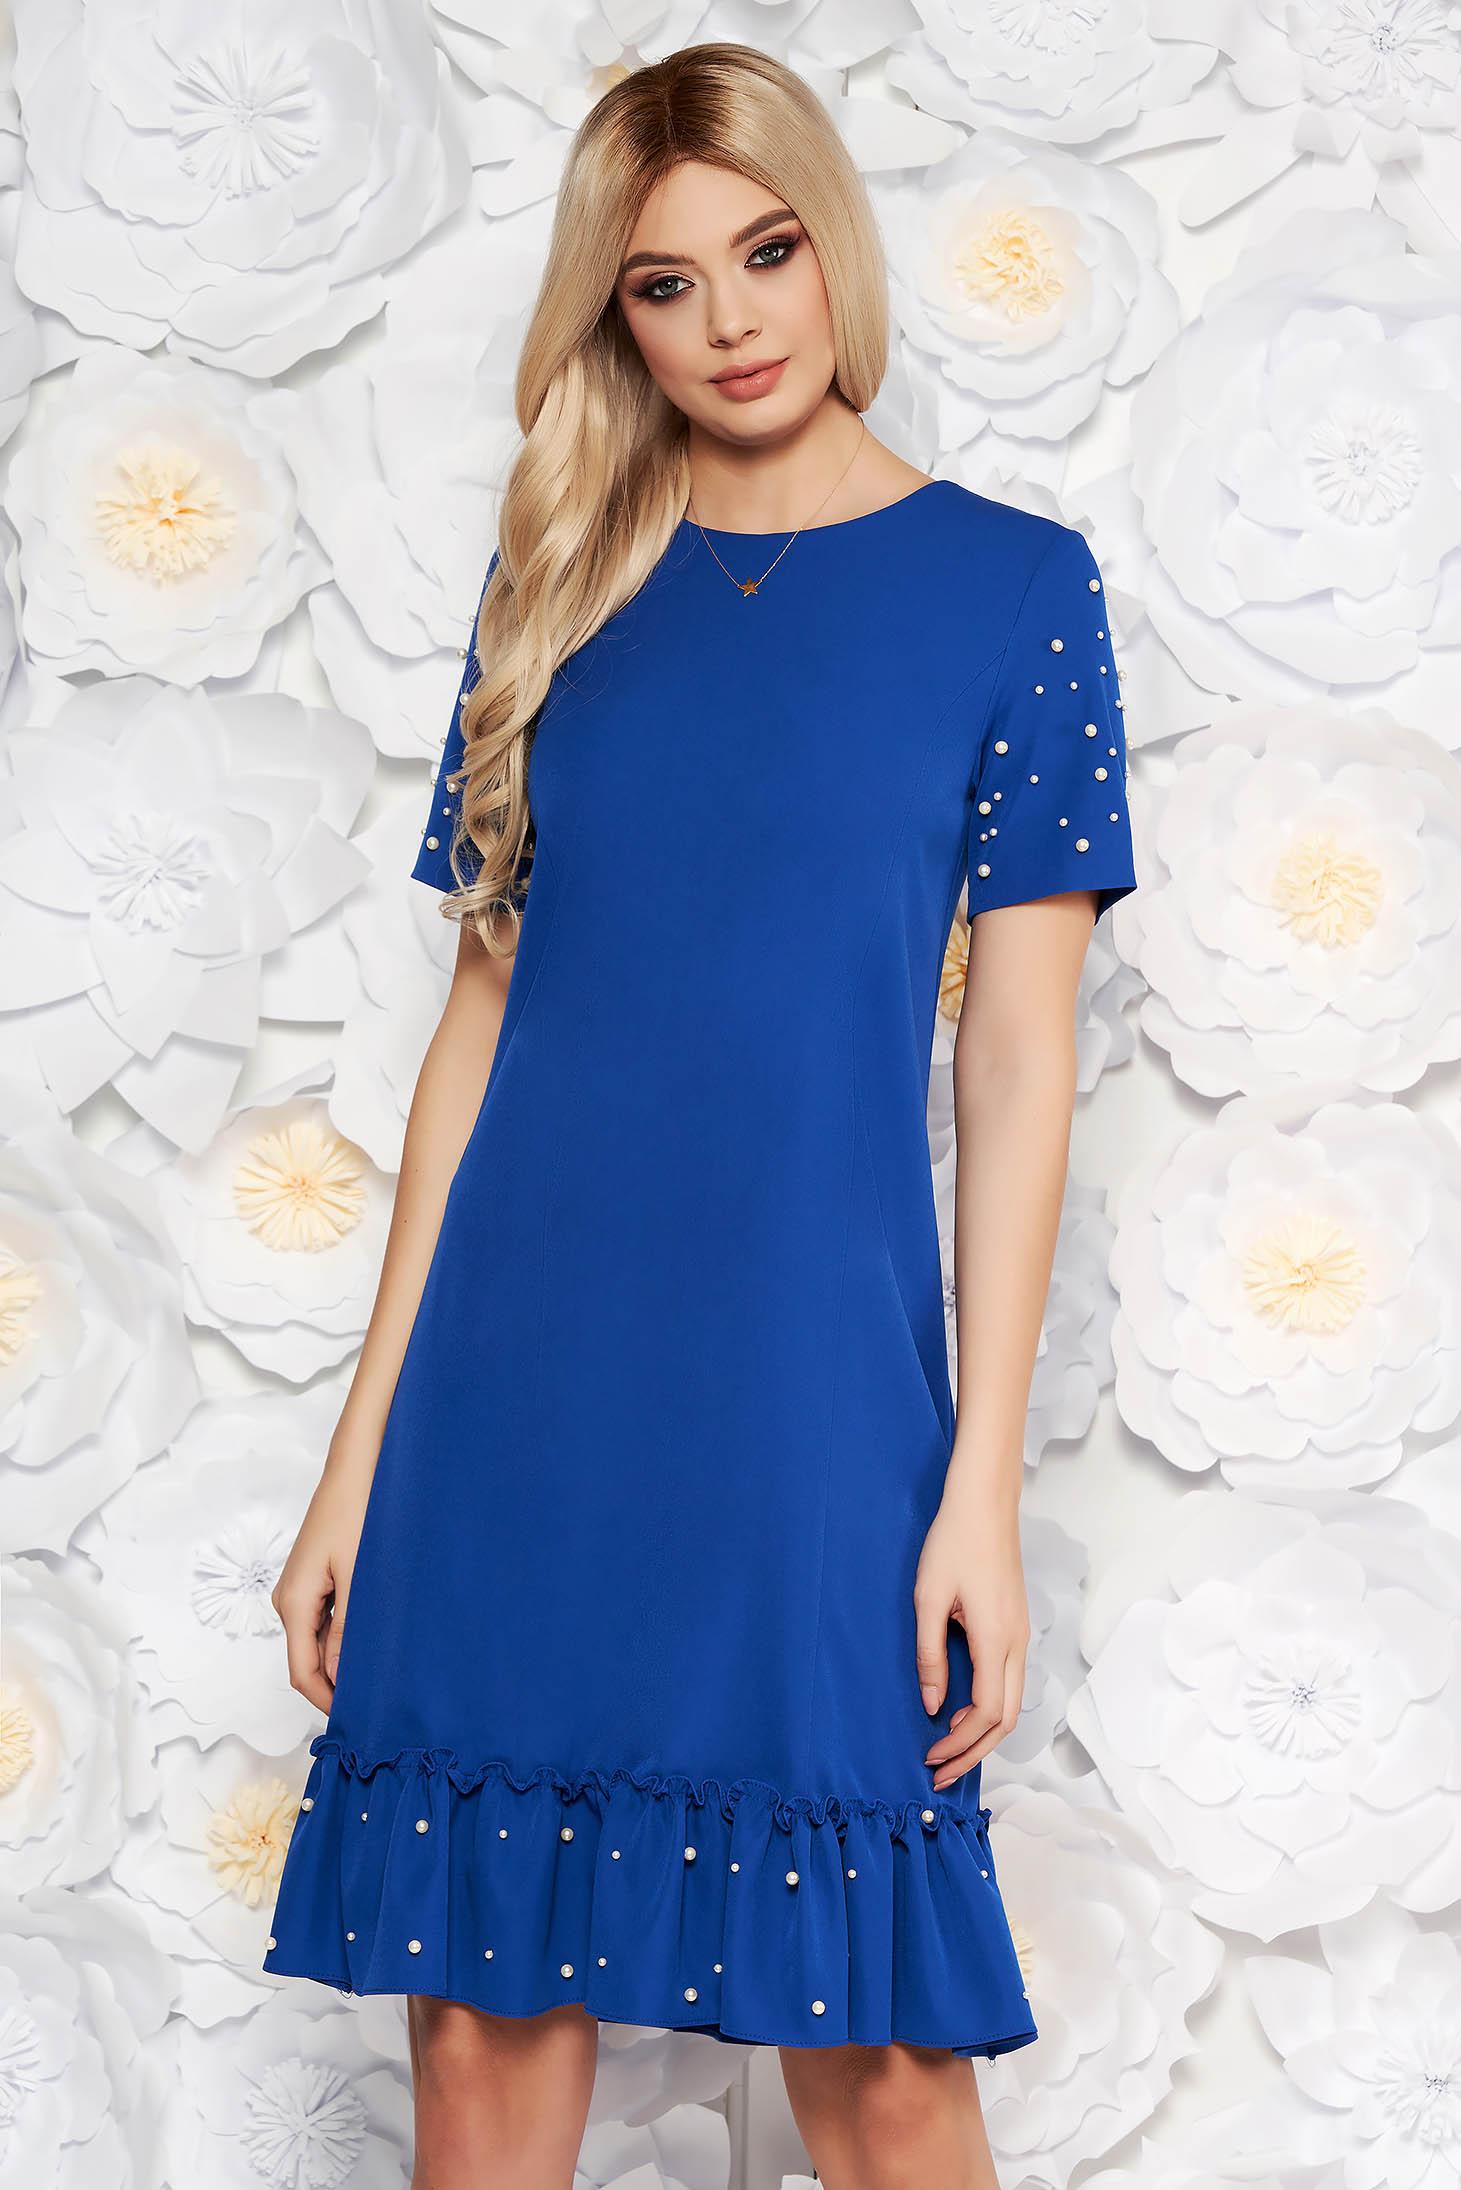 680c8b7134 Kék elegáns egyenes ruha rövid ujjakkal gyöngyös díszítés finom tapintású  anyag